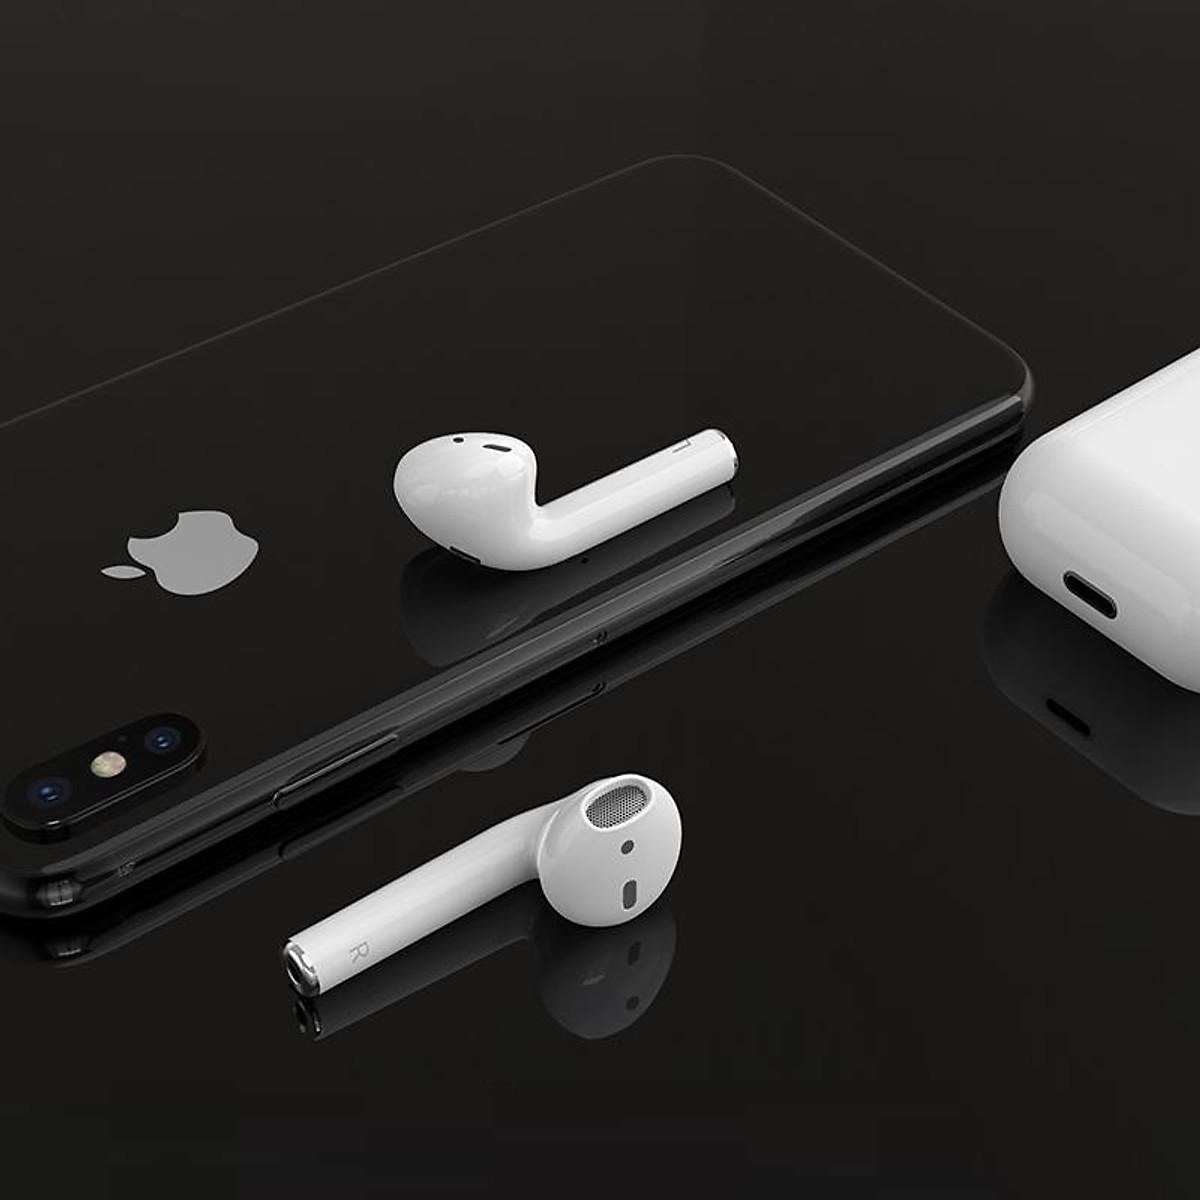 Tai nghe không dây Bluetooth 5.0 Hoco khoảng cách kết nối 10m tích hợp điều  khiển cảm ứng - Hàng chính hãng - Tai nghe Bluetooth nhét Tai    DiDongVietNam.com